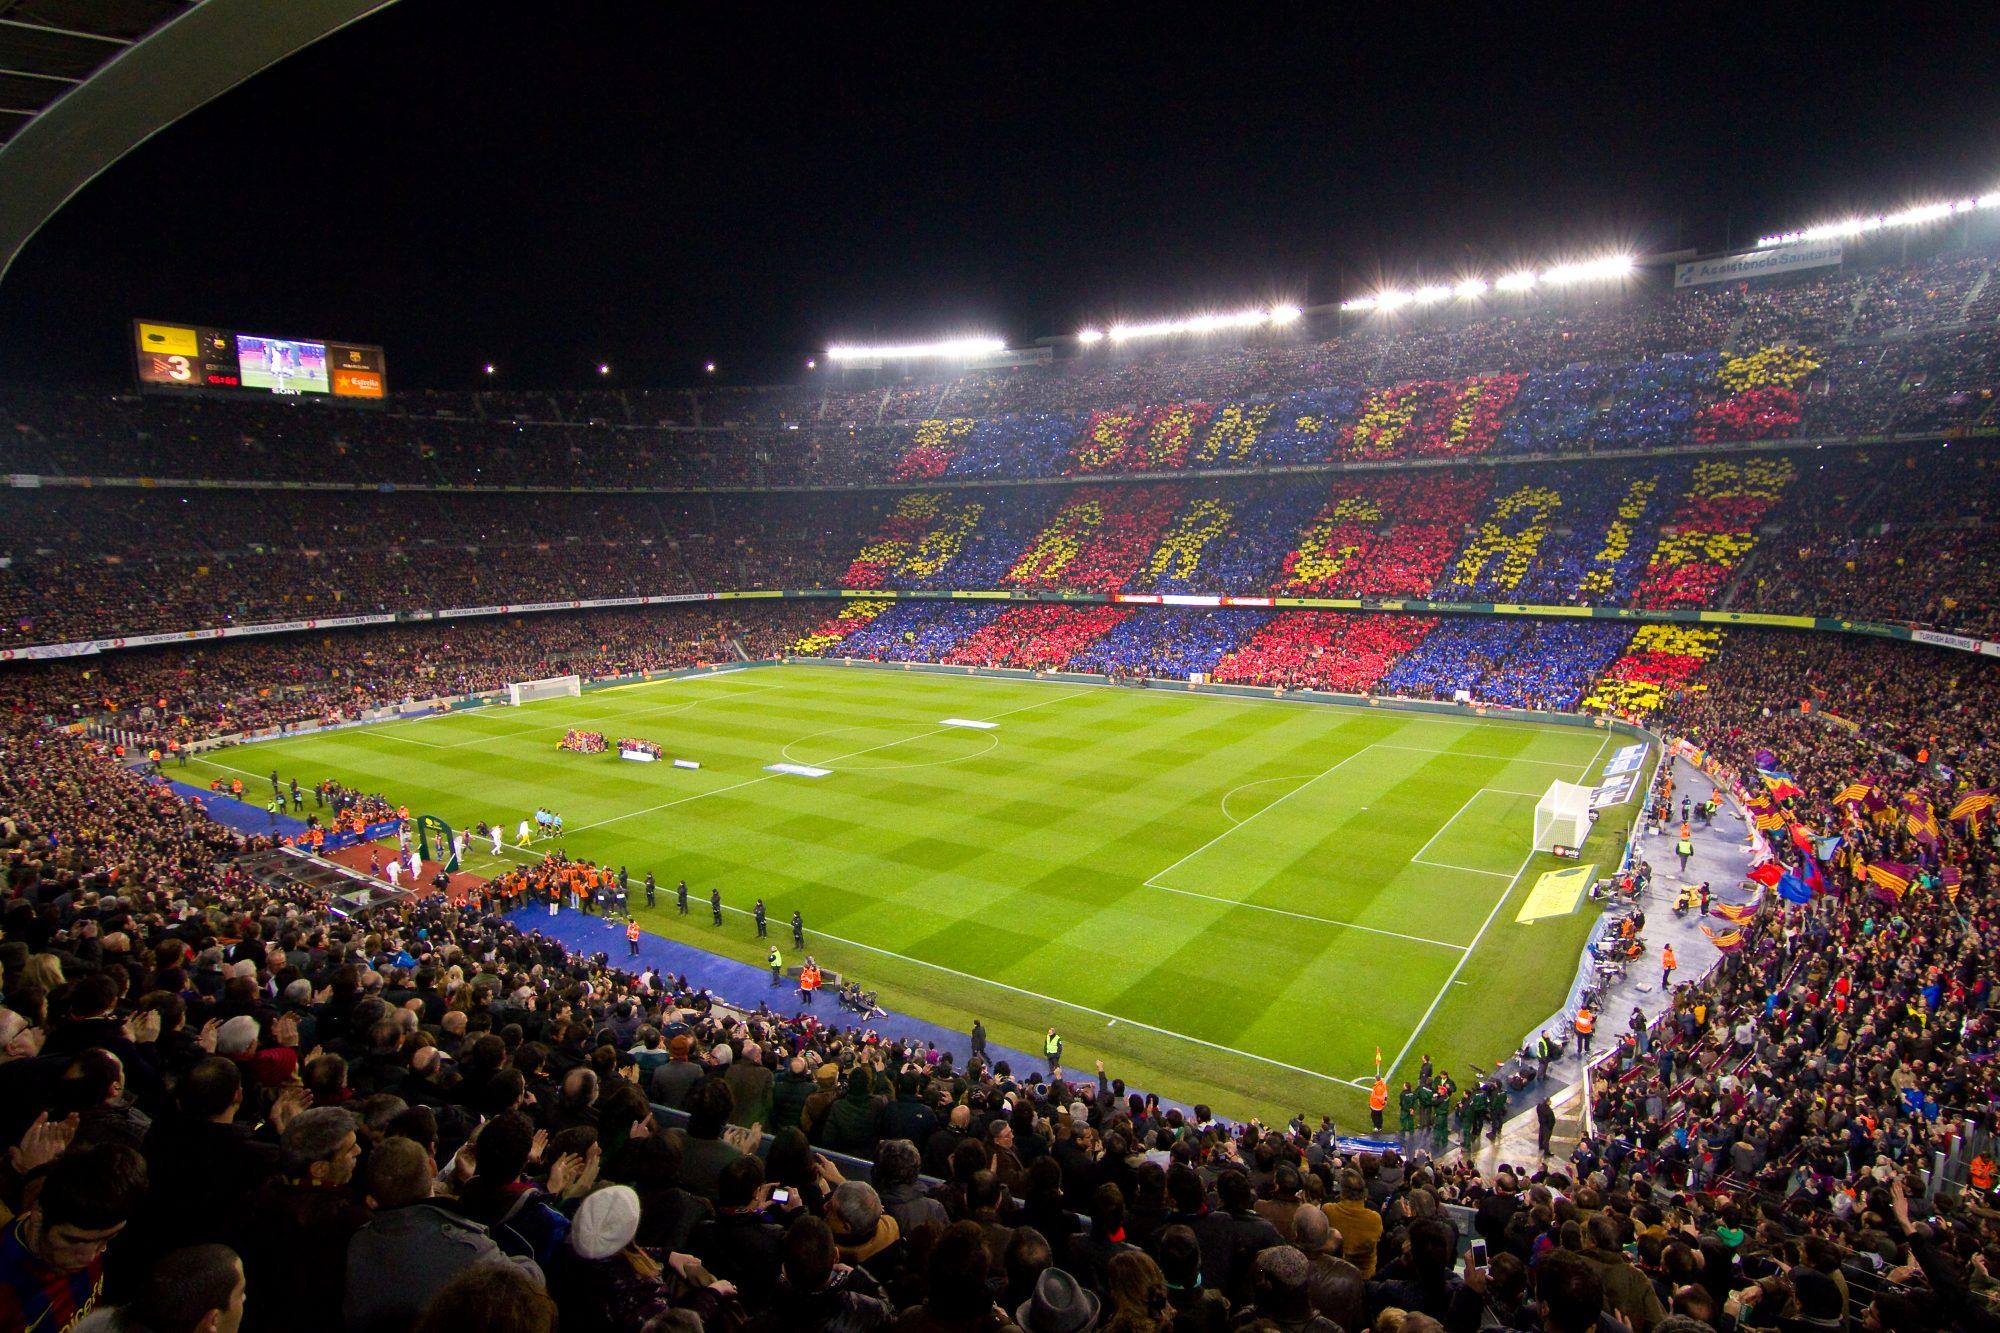 fc barcelona at camp nou soccer game